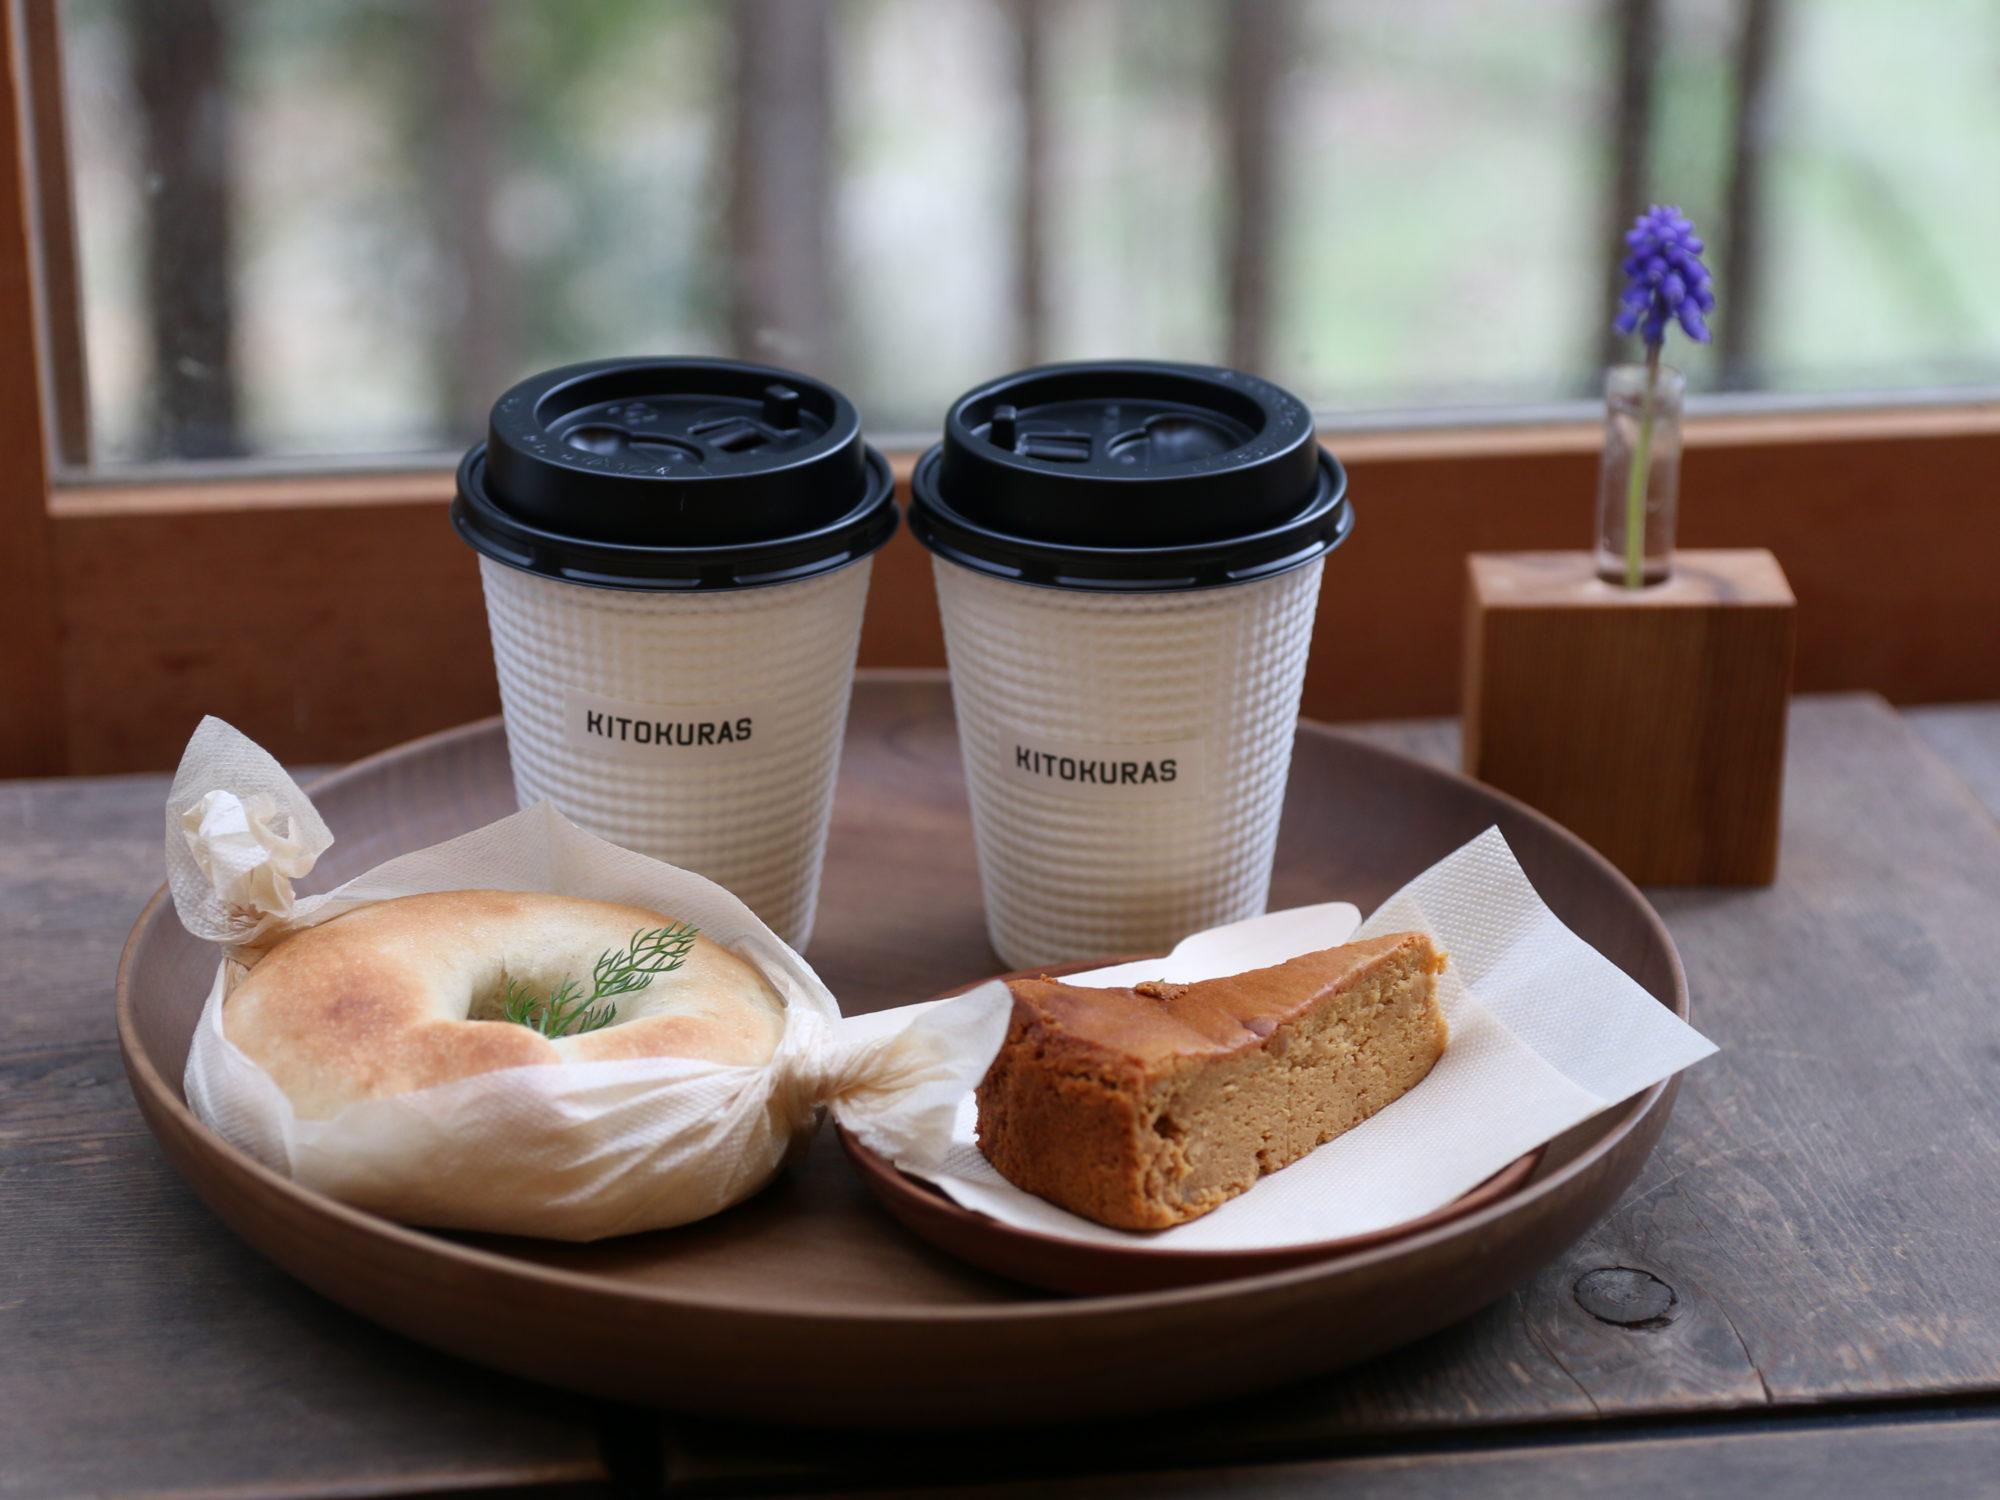 キトクラスカフェ(香川県)〜空港から30分の木に囲まれた癒し空間でおしゃれにカフェ